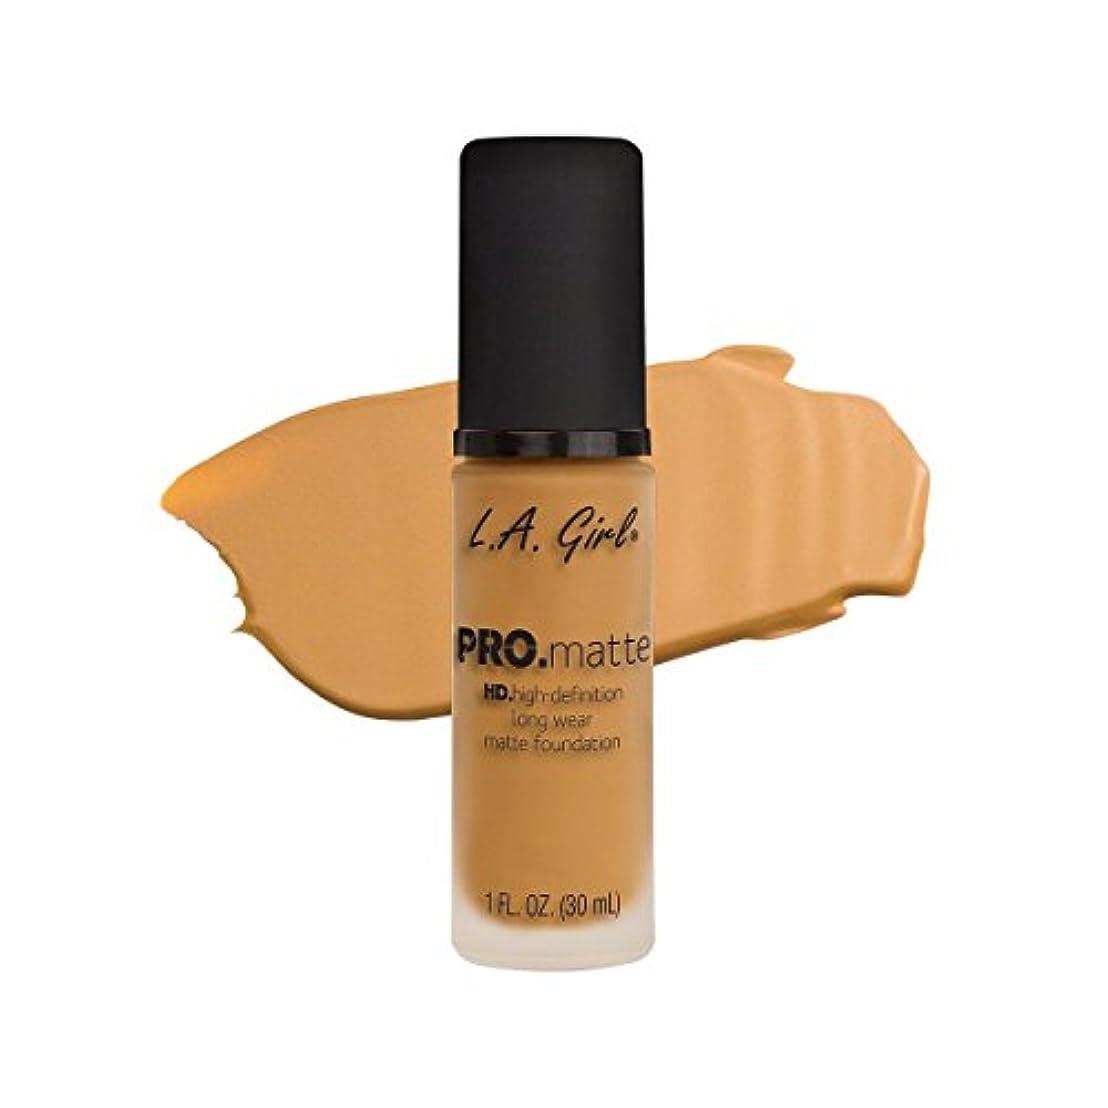 単調な心のこもった虫を数える(3 Pack) L.A. GIRL Pro Matte Foundation - Soft Honey (並行輸入品)